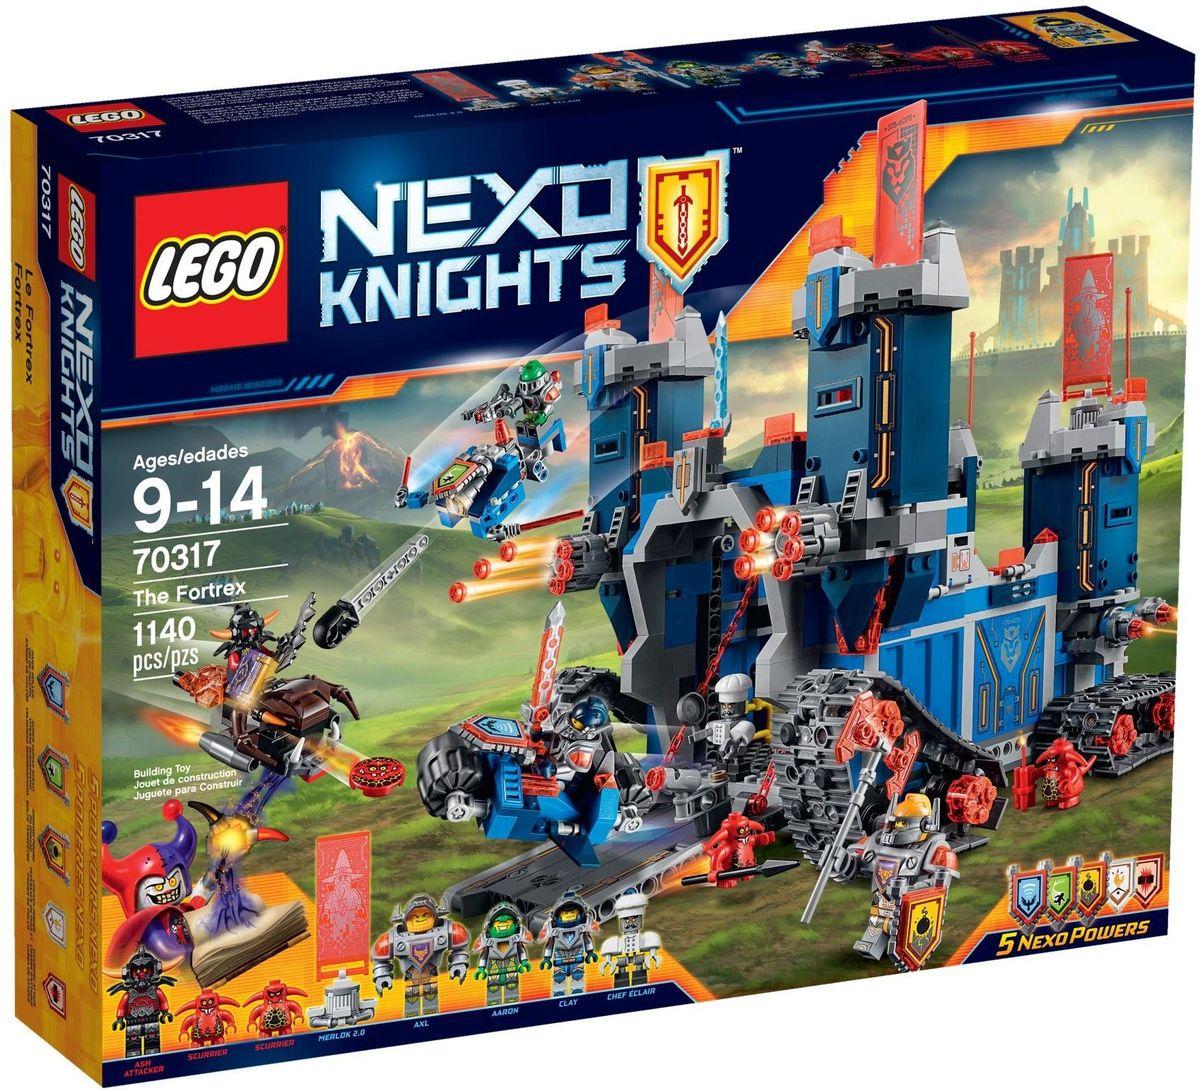 LEGO NEXO KNIGHTS Конструктор Фортрекс мобильная крепость 70317 lego джестро мобиль 70316